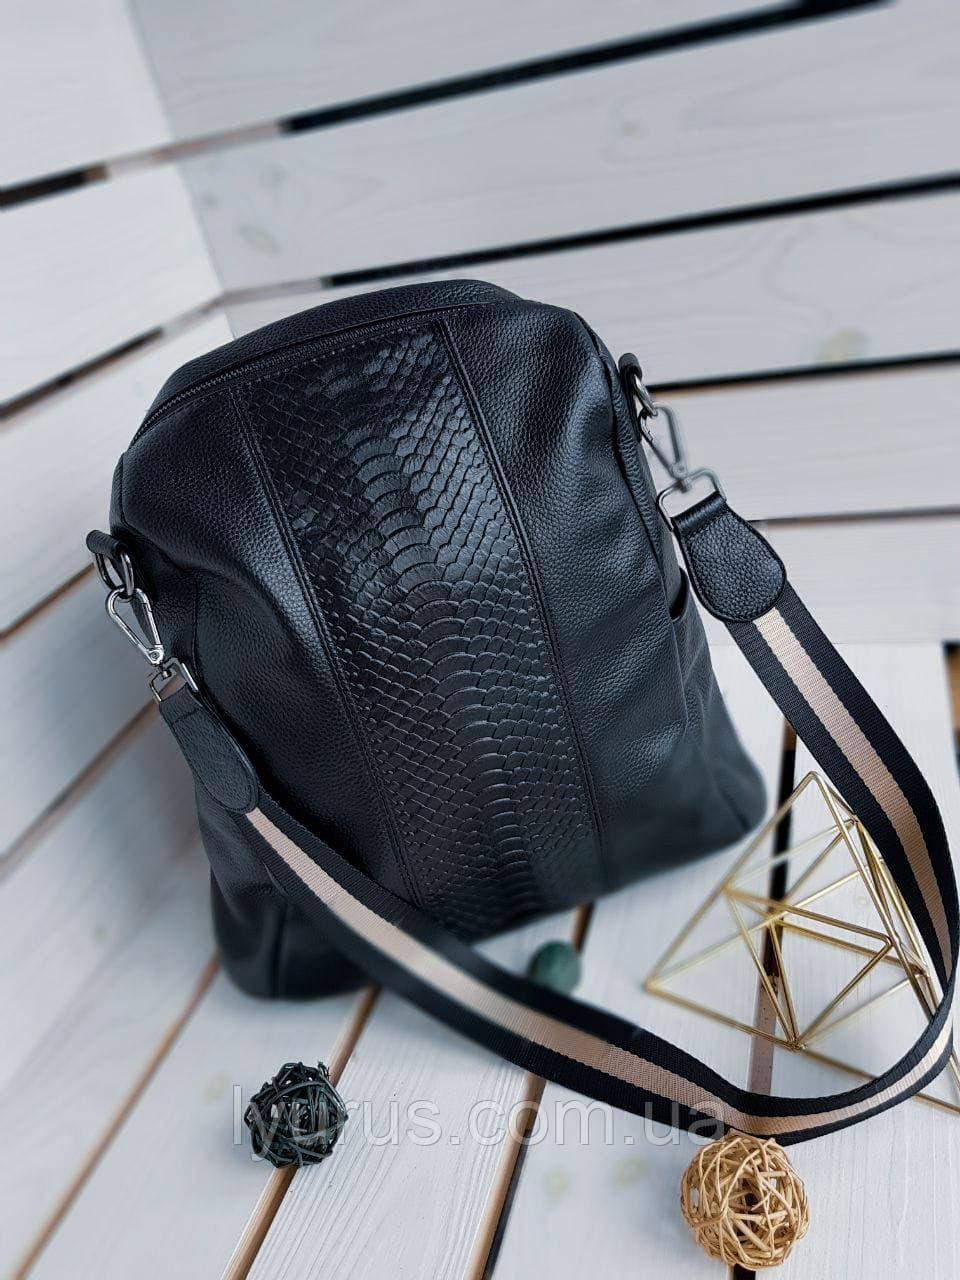 Кожаный женский рюкзак размером 33х28 см Черный (01084)